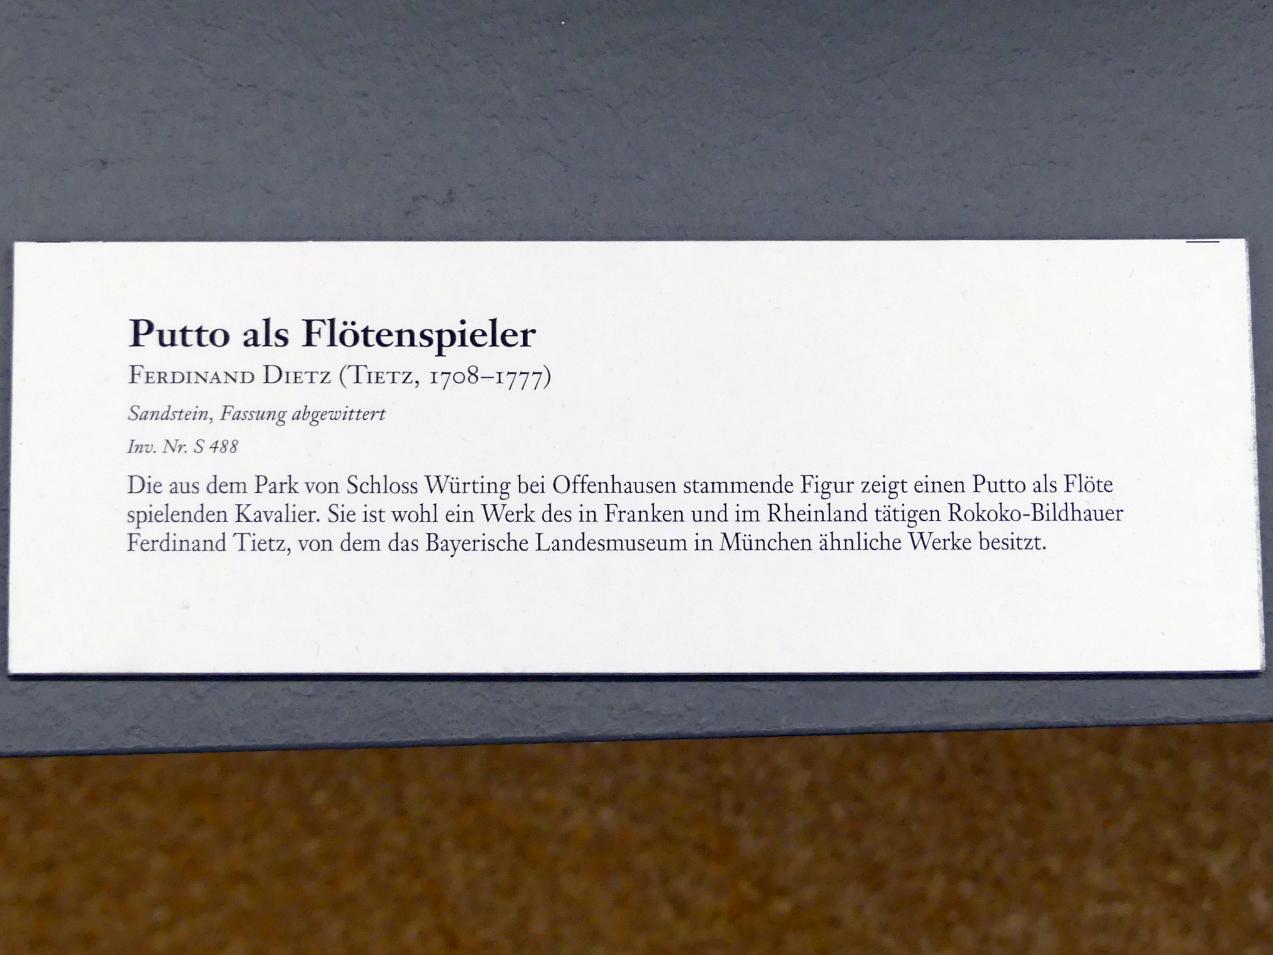 Ferdinand Tietz (Ferdinand Dietz): Putto als Flötenspieler, Undatiert